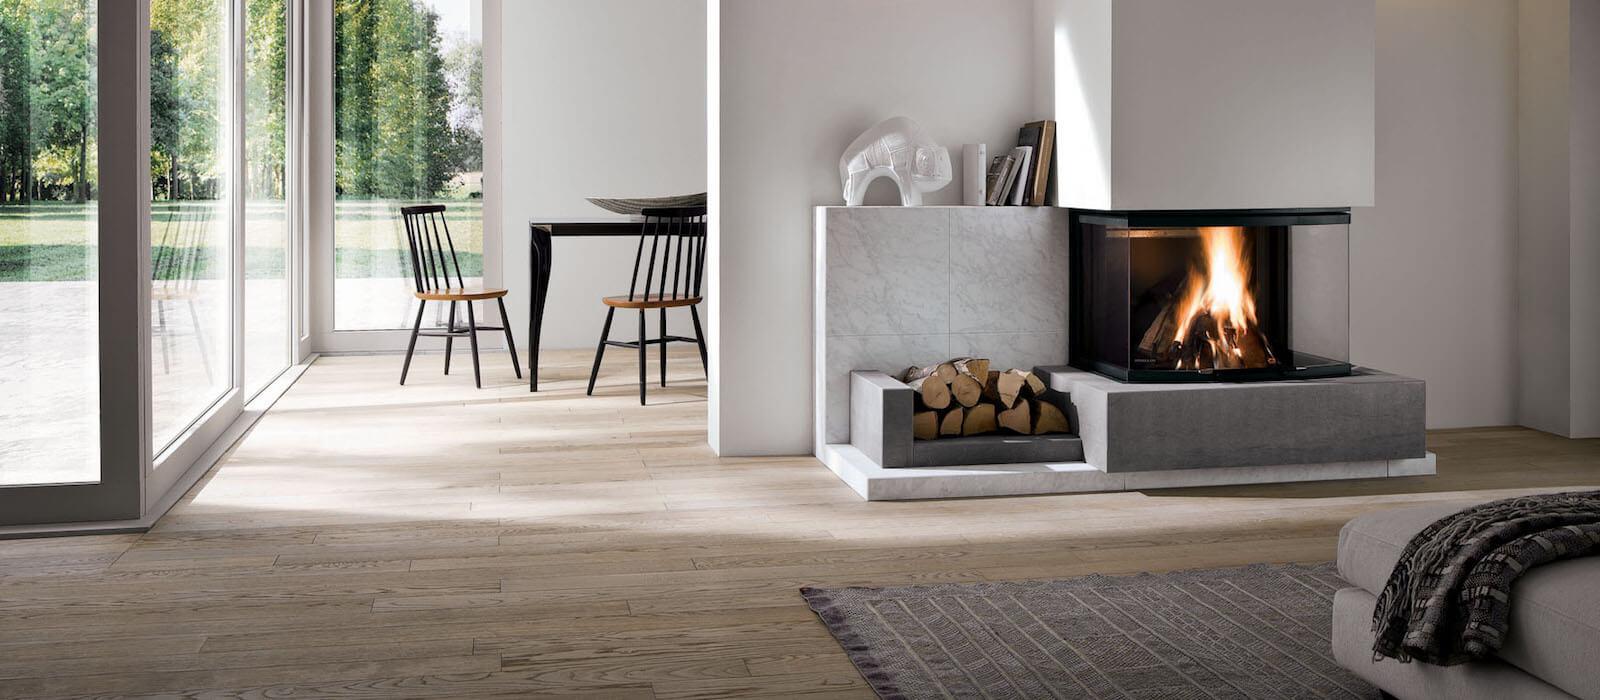 Come Riscaldare Ambienti Grandi riscaldare casa con il termocamino a legna o a pellet